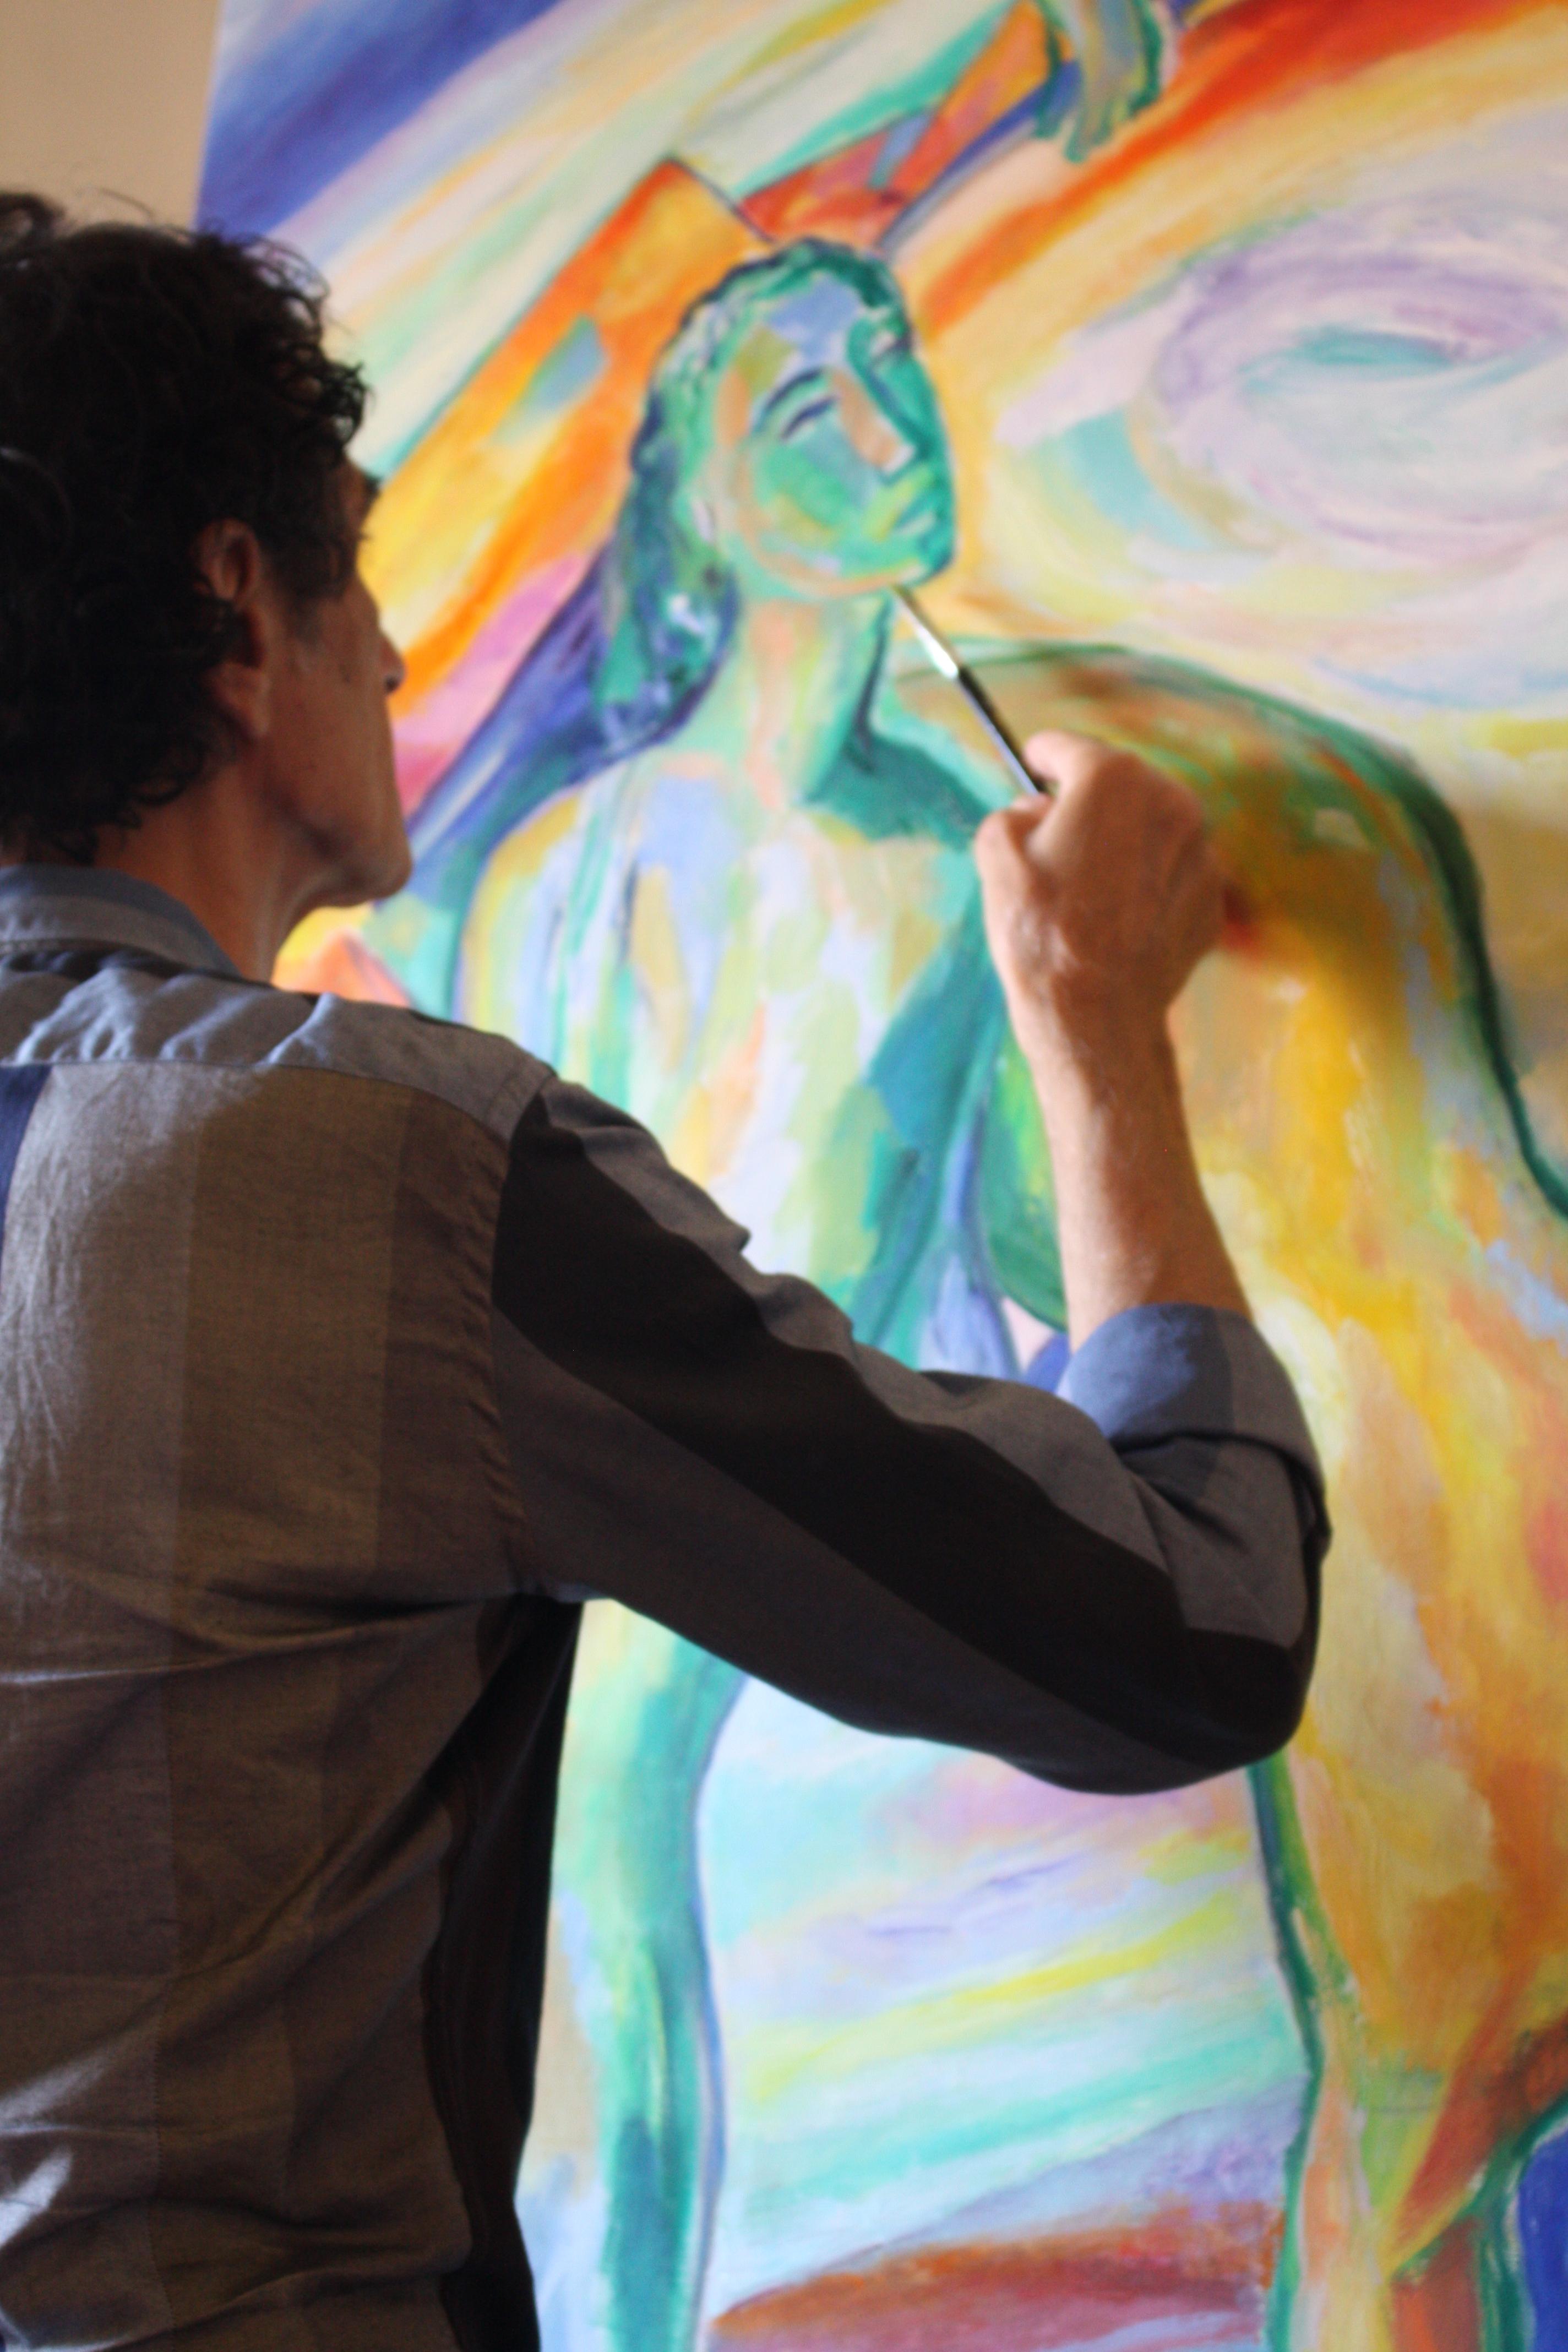 Al Museo di Lucignano un'opera in omaggio alle popolazioni terremotate